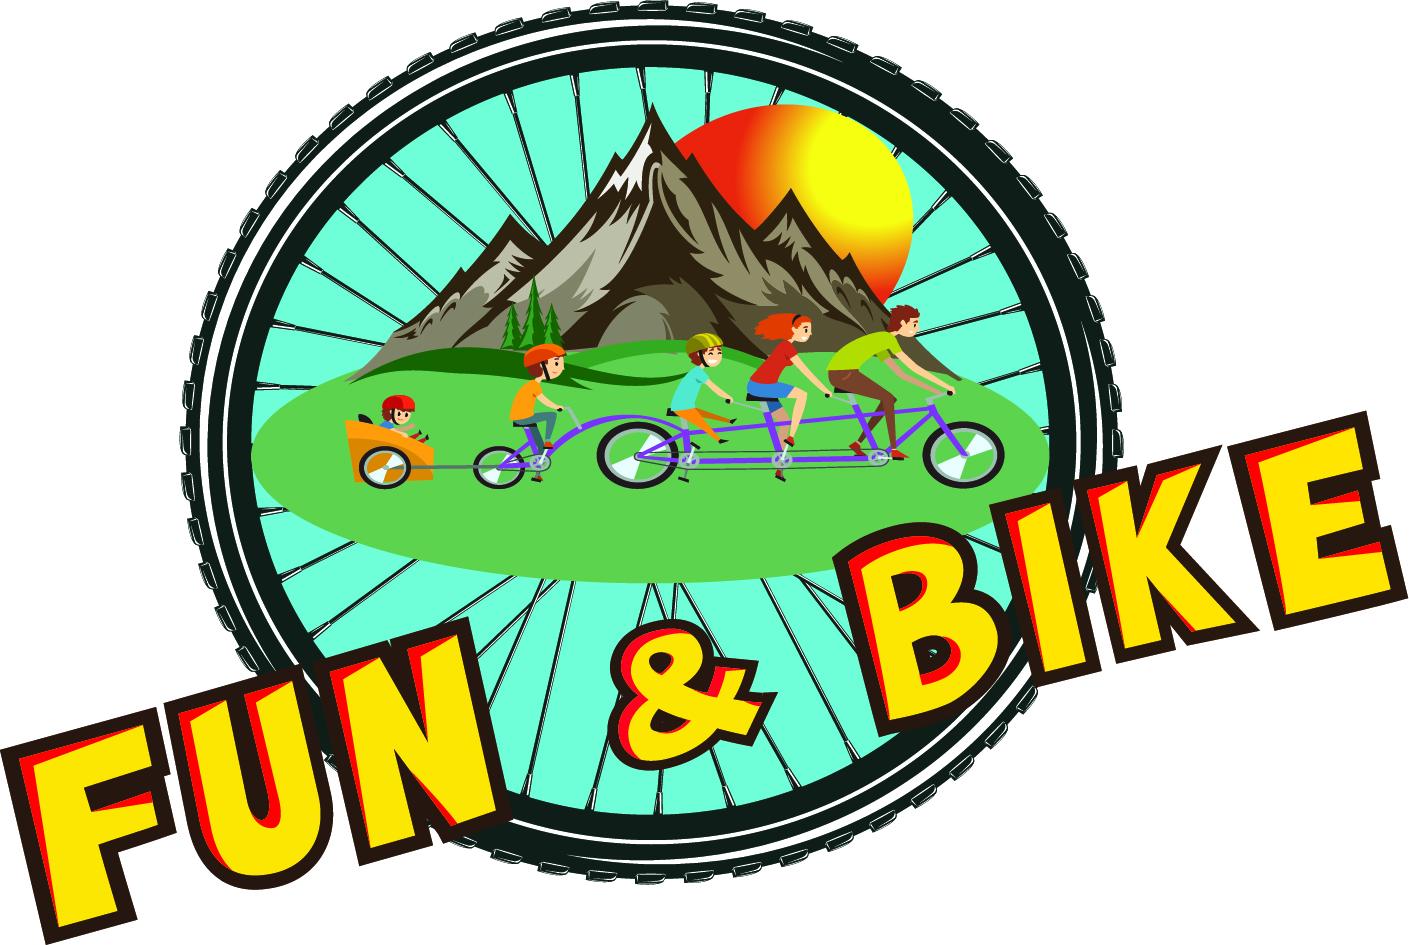 funandbike.it